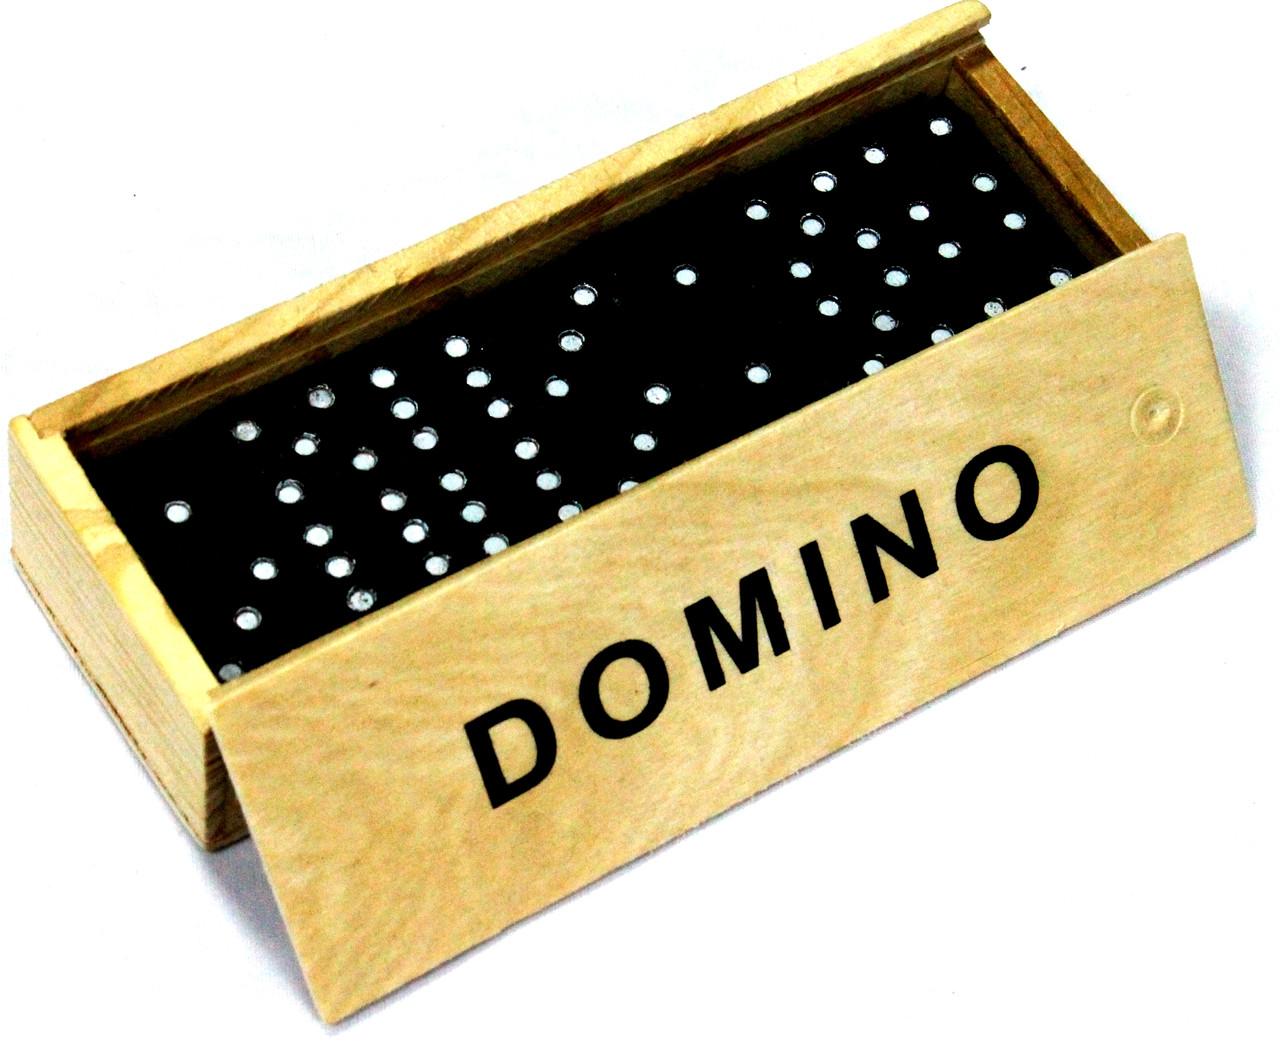 Доміно настільна гра, доміно